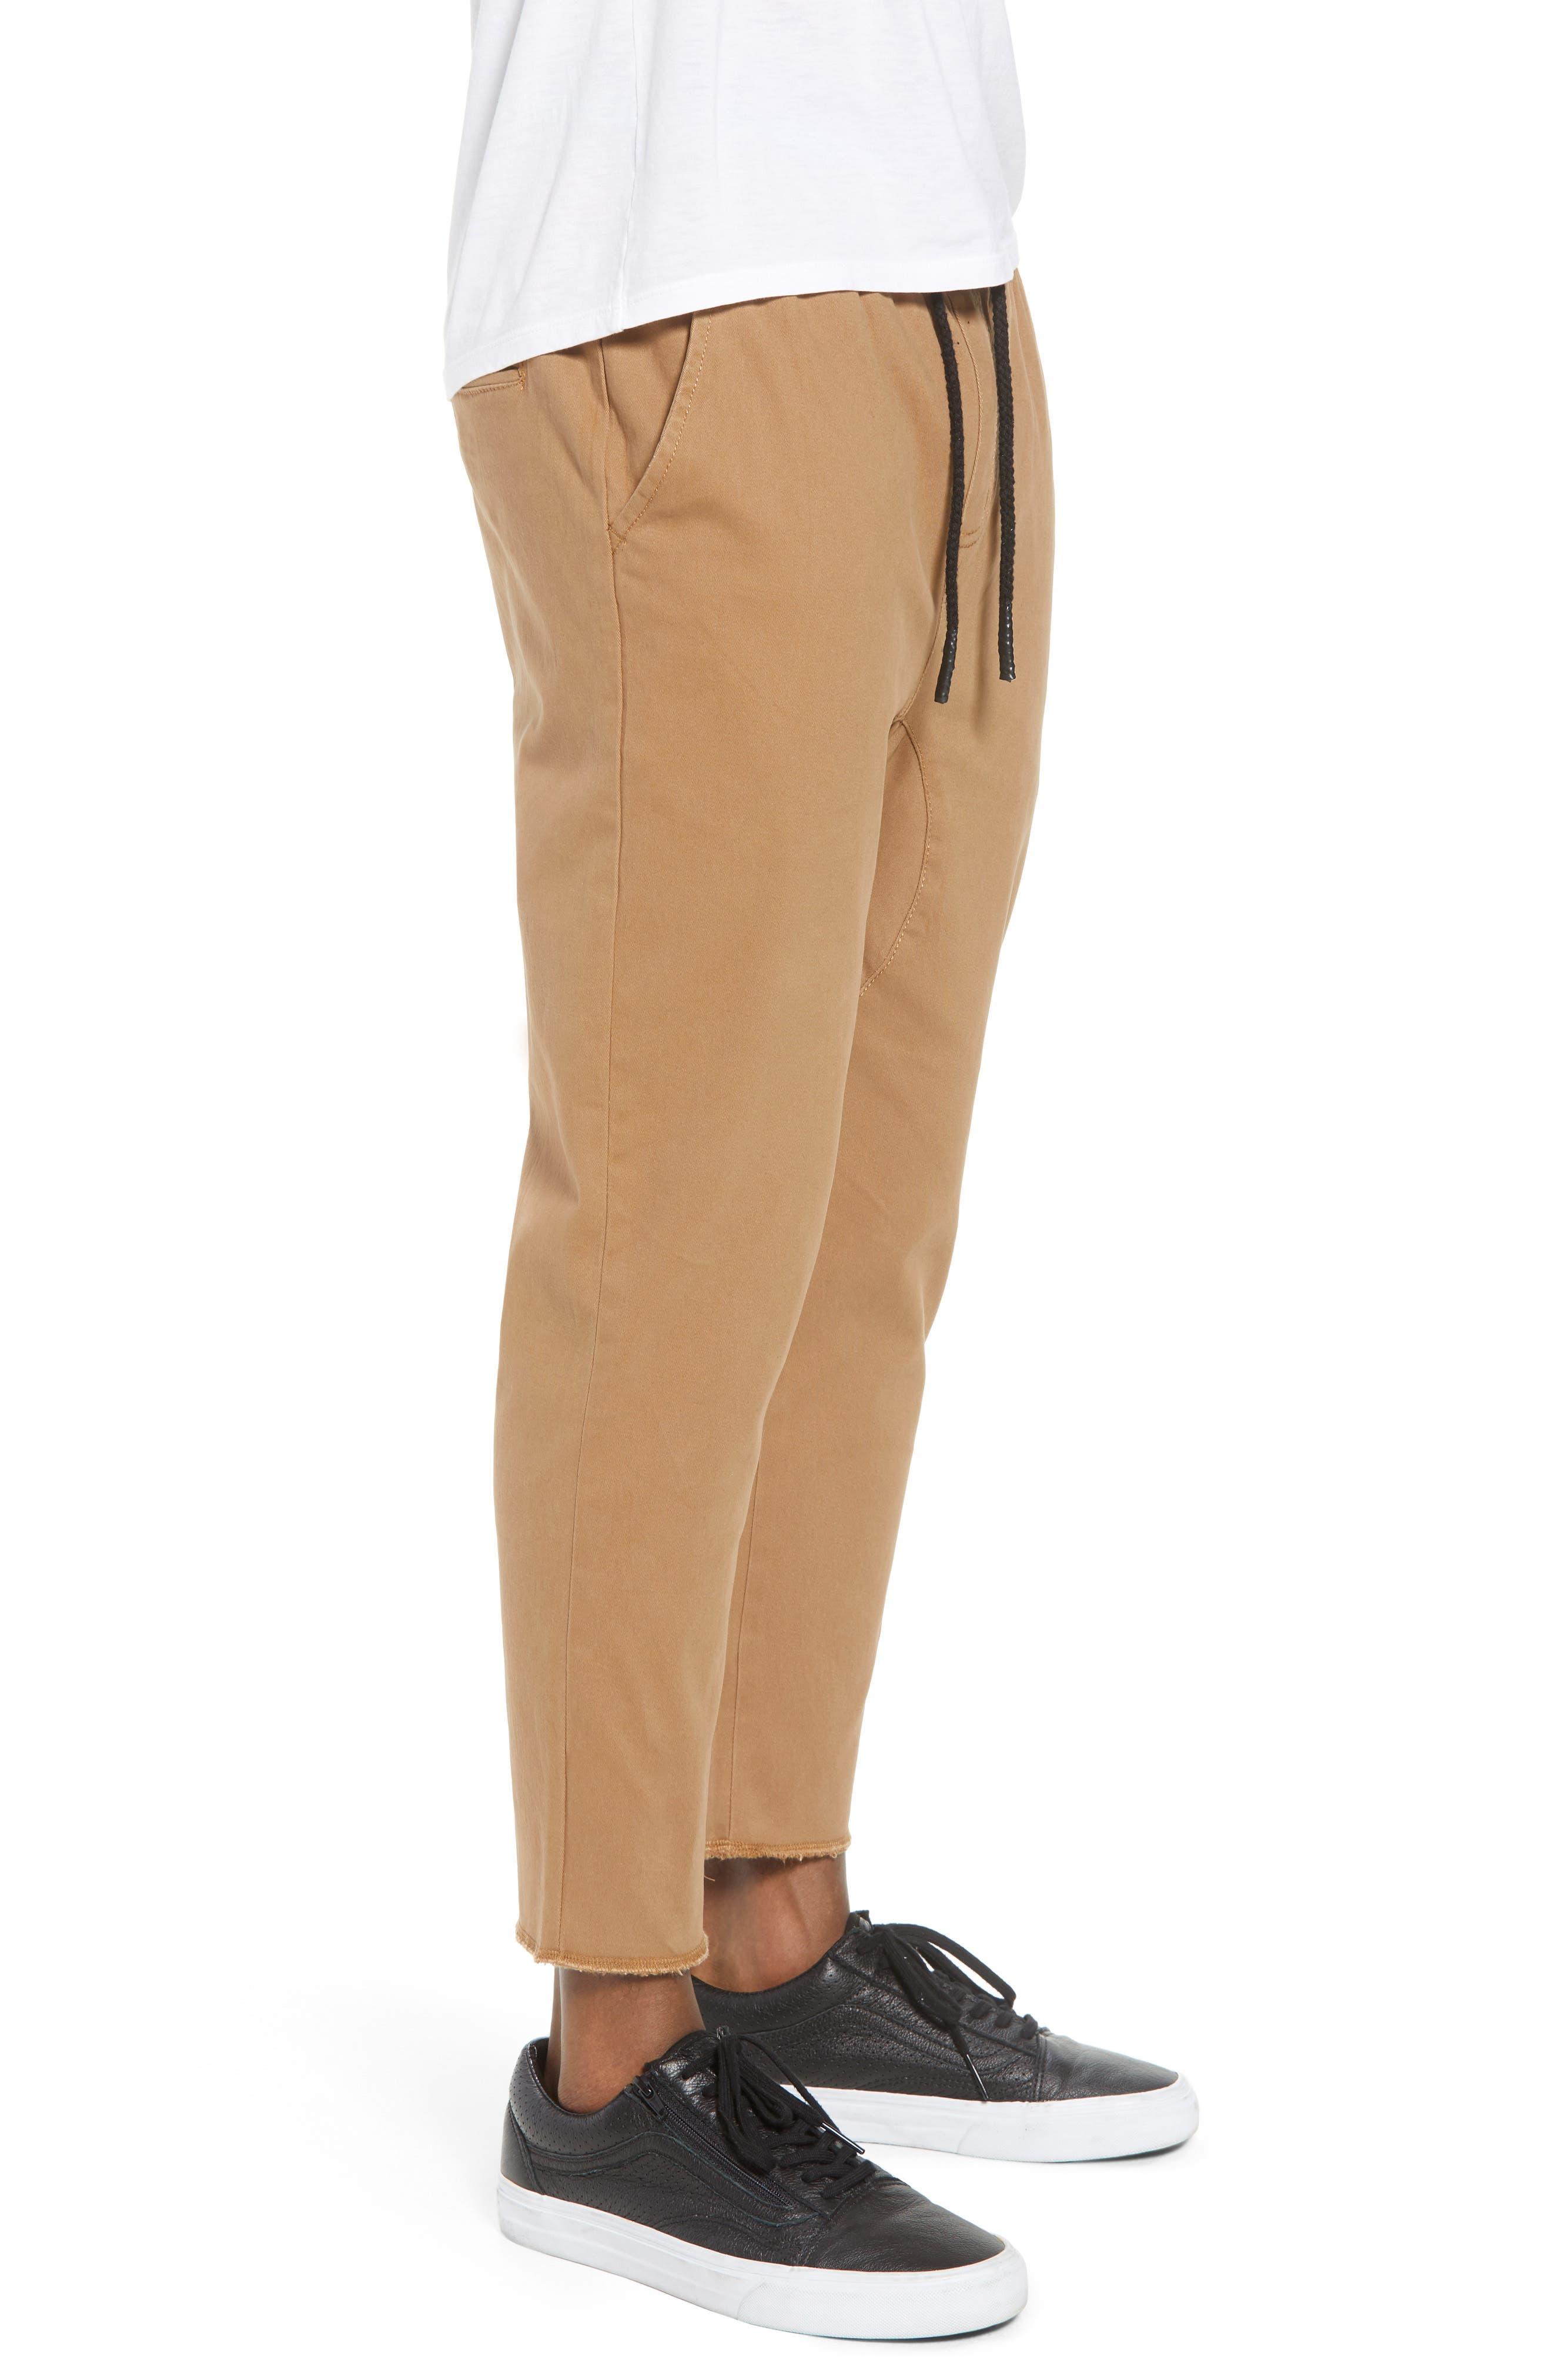 Vacation Slim Fit Crop Pants,                             Alternate thumbnail 3, color,                             KHAKI